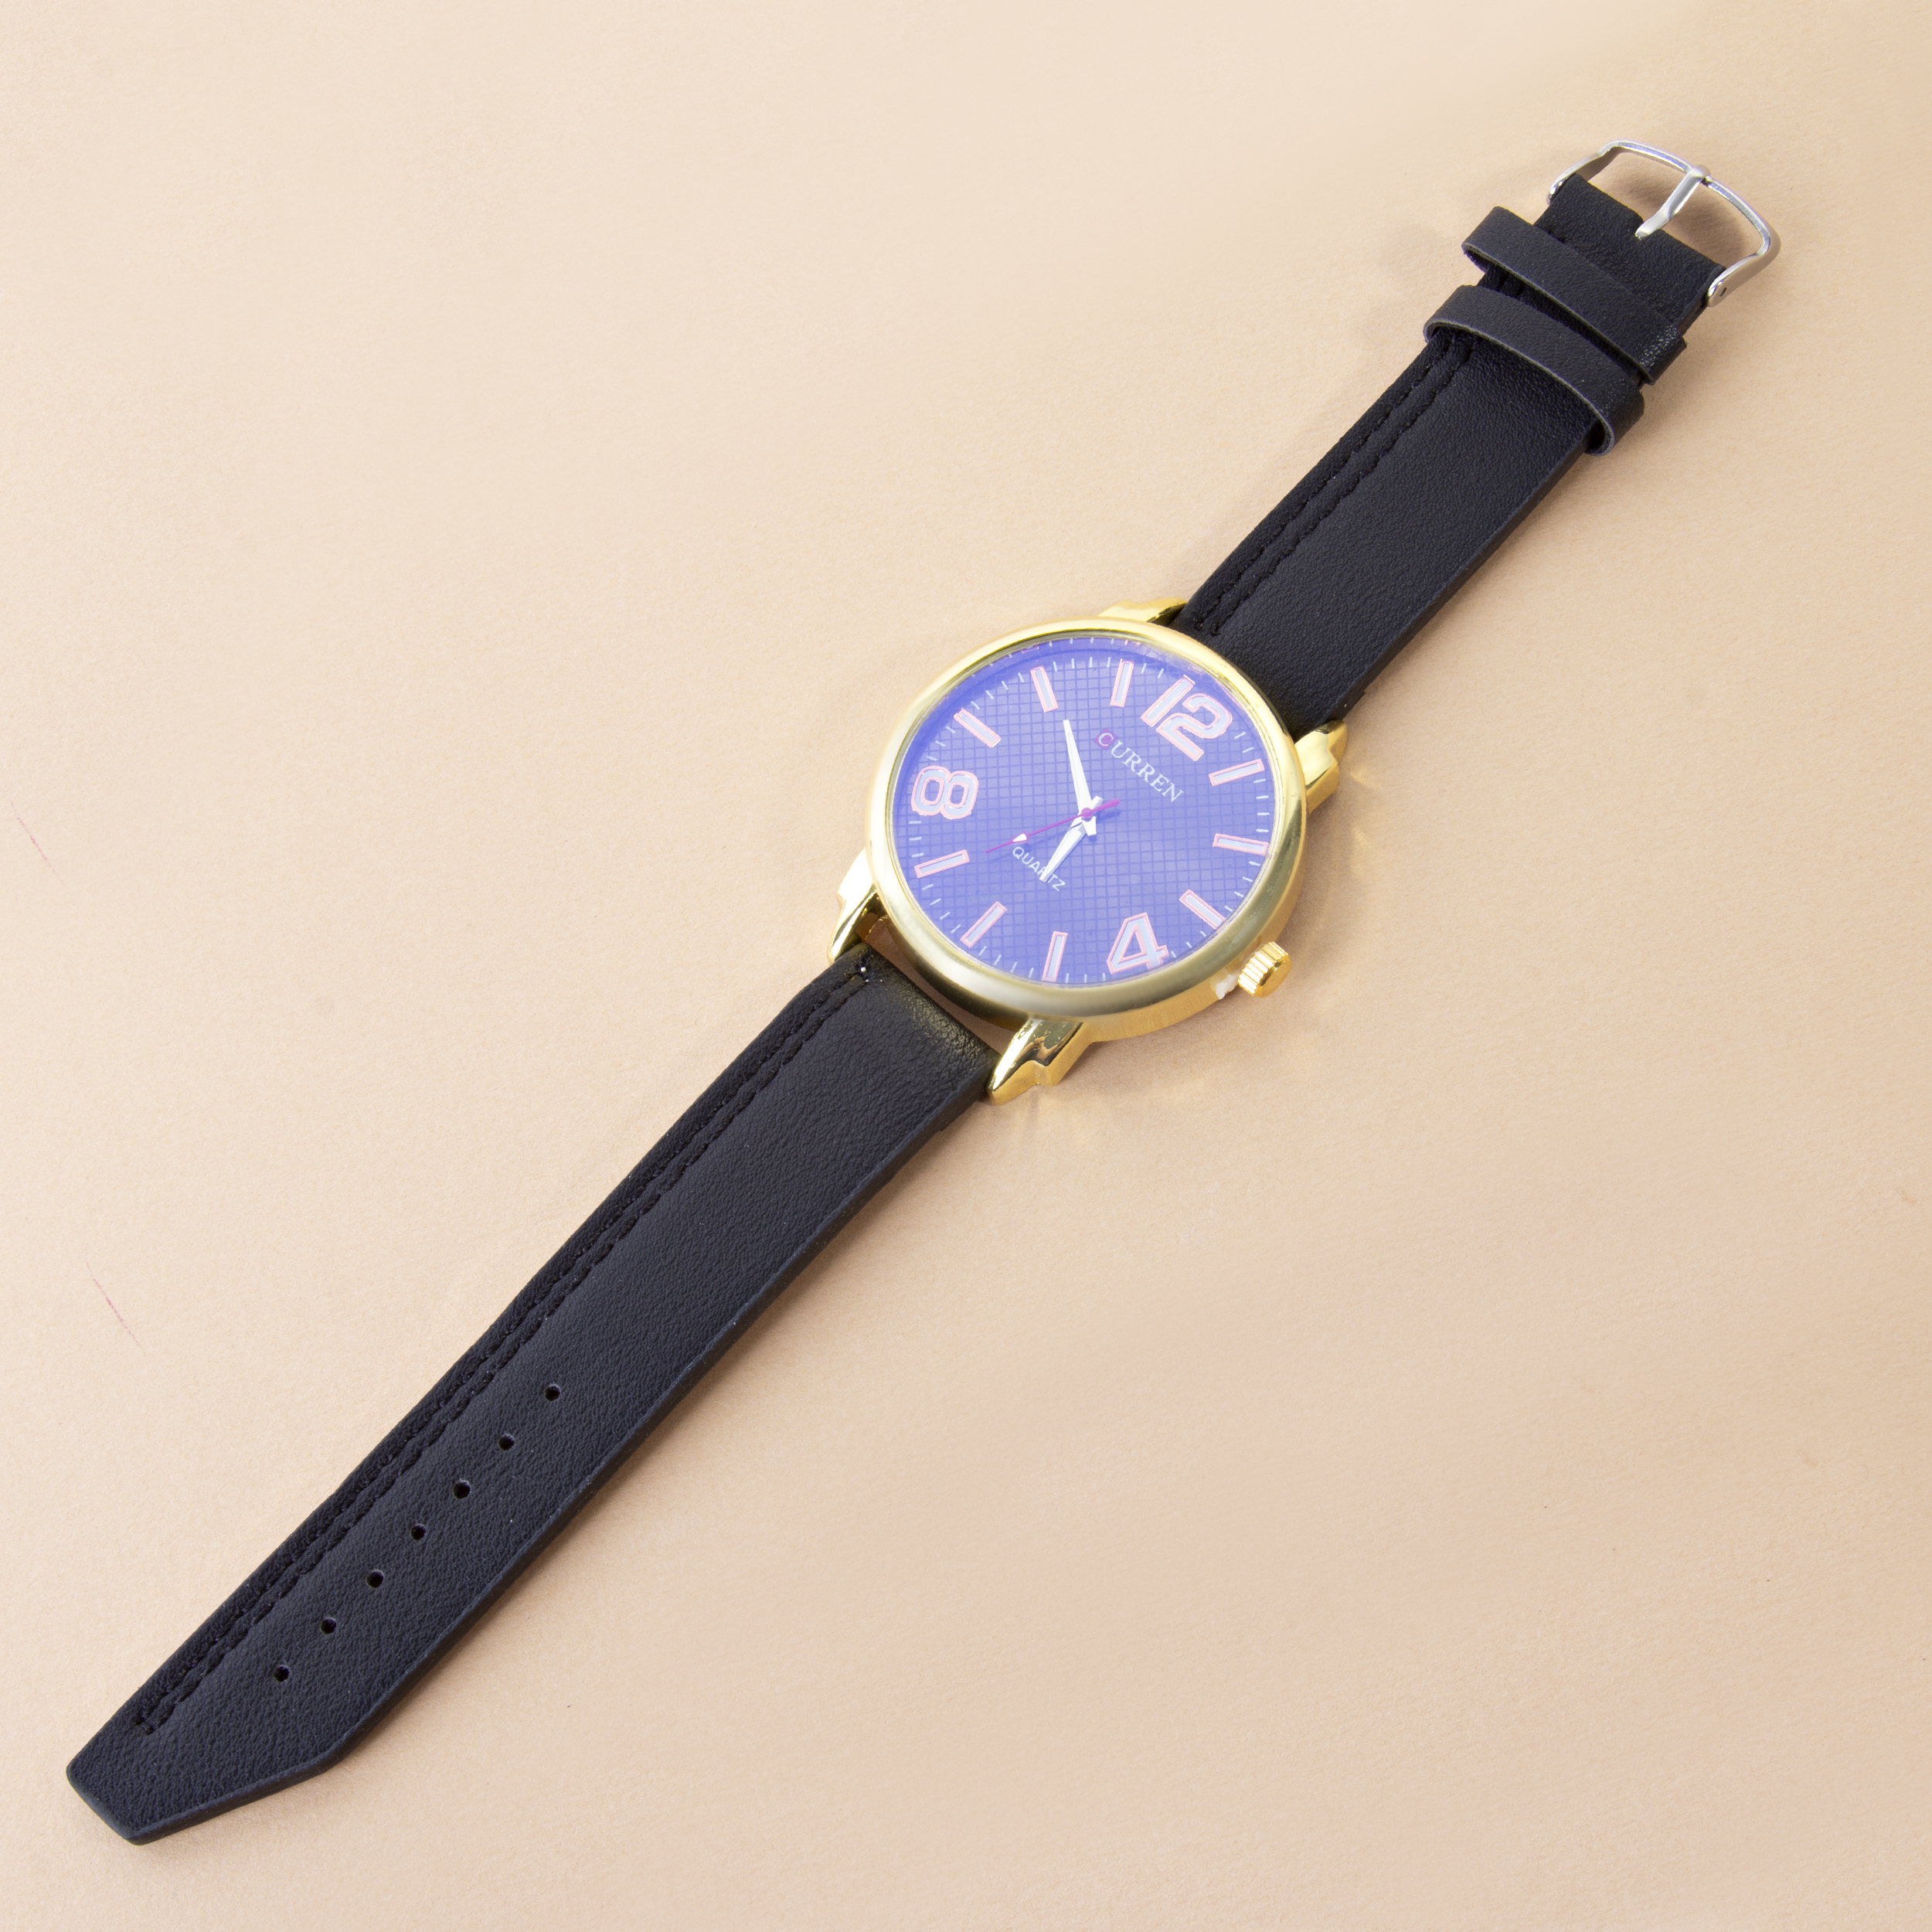 خرید                                        ساعت مچی عقربه ای مردانه کد WHM_089                     غیر اصل